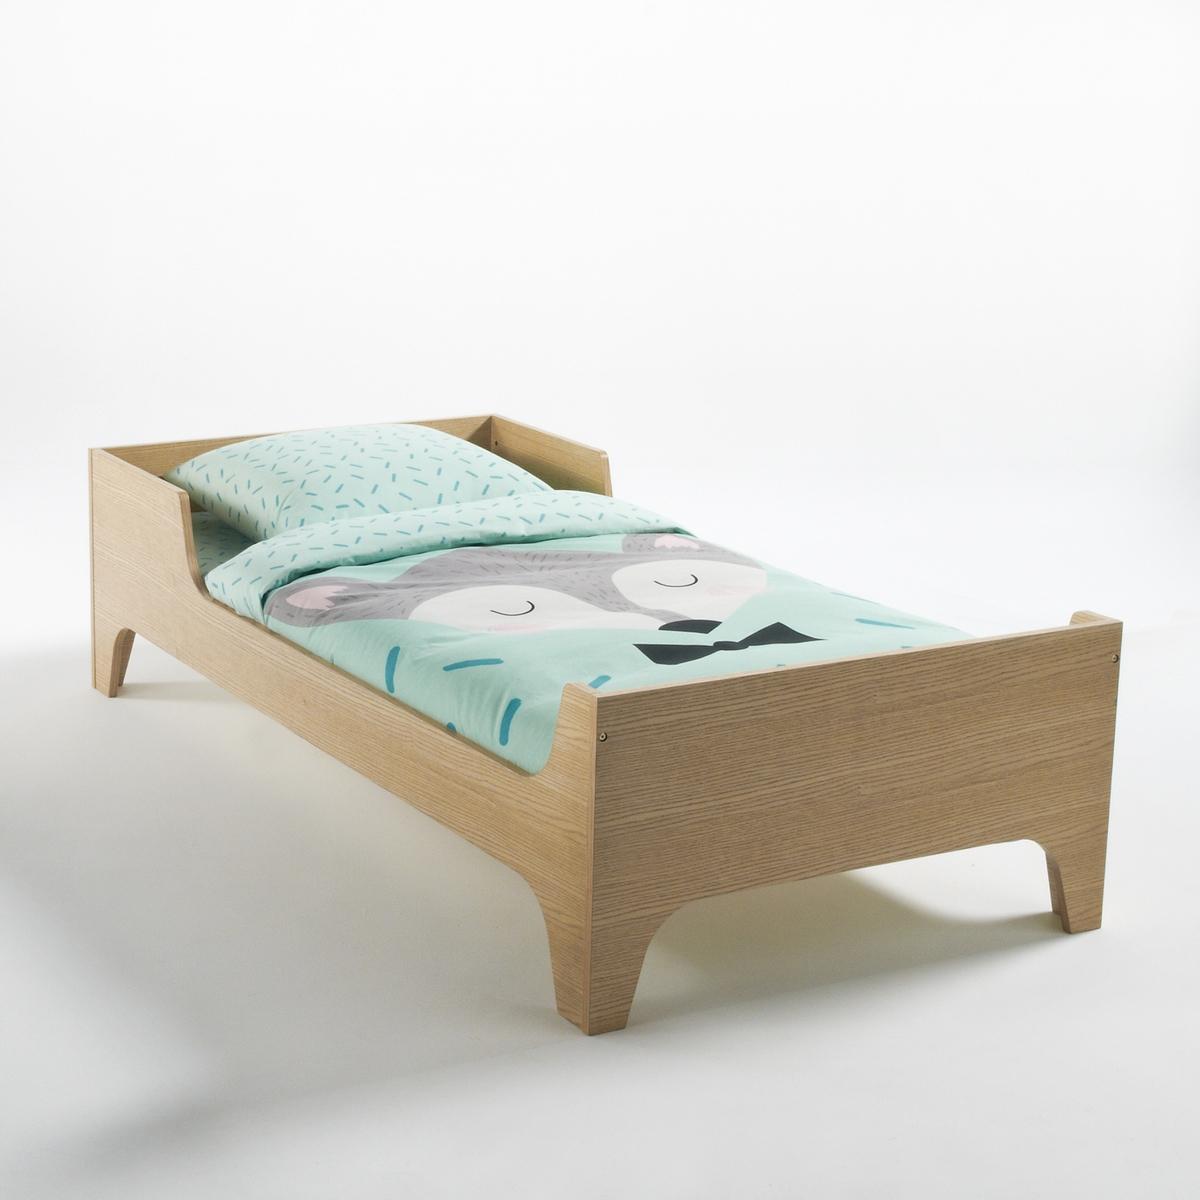 Кровать La Redoute Детская с основой под матрас Elira 90 x 190 см каштановый кровать la redoute с основой под матрас trianon 140 x 190 см белый